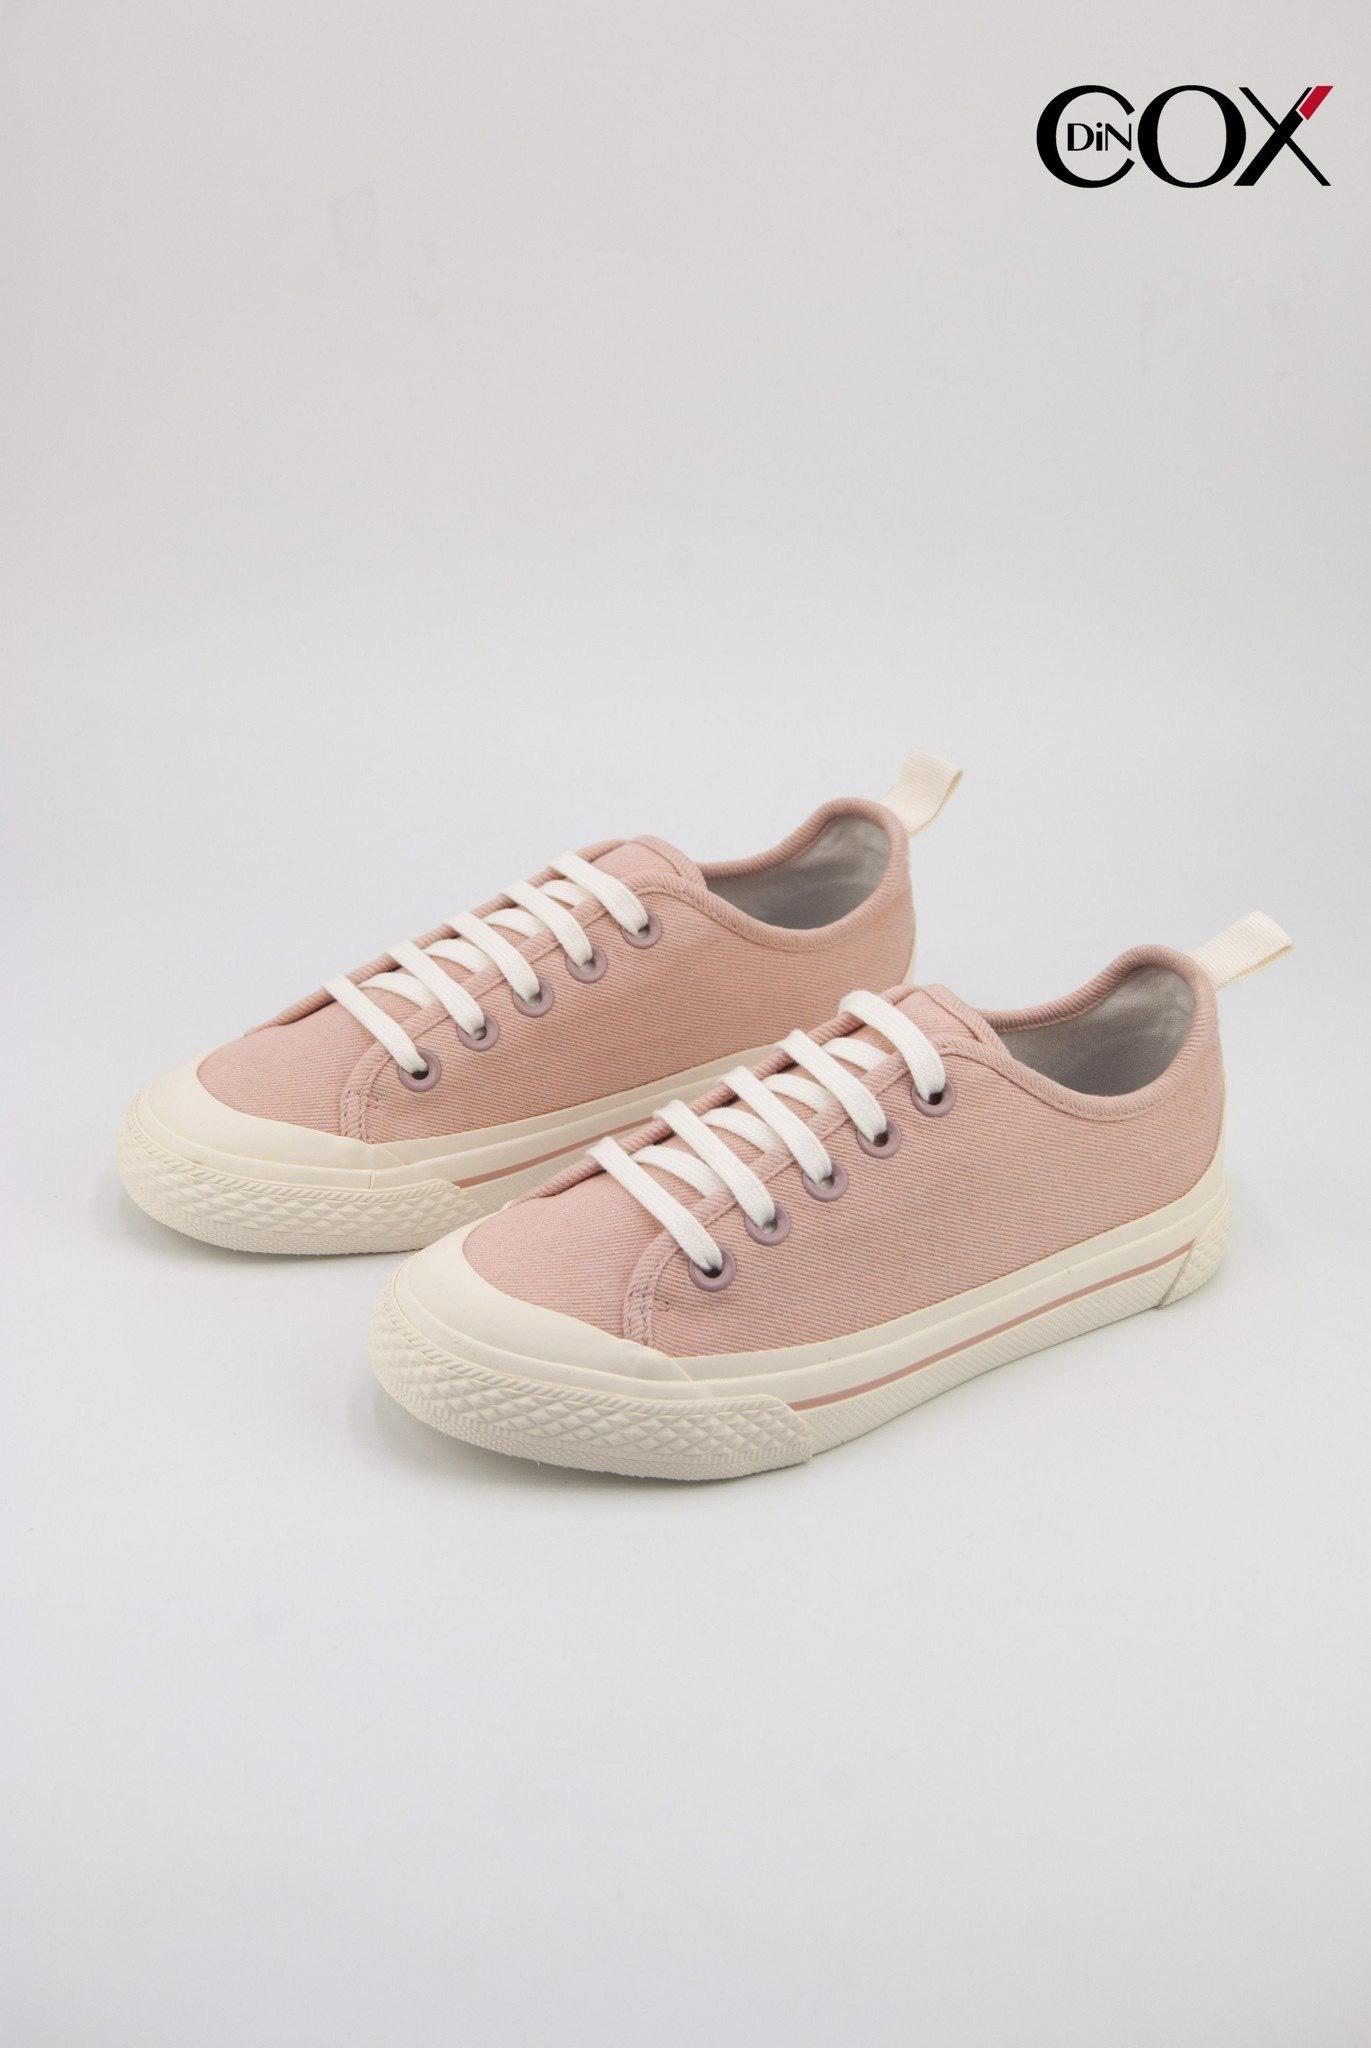 dincox1920-pink